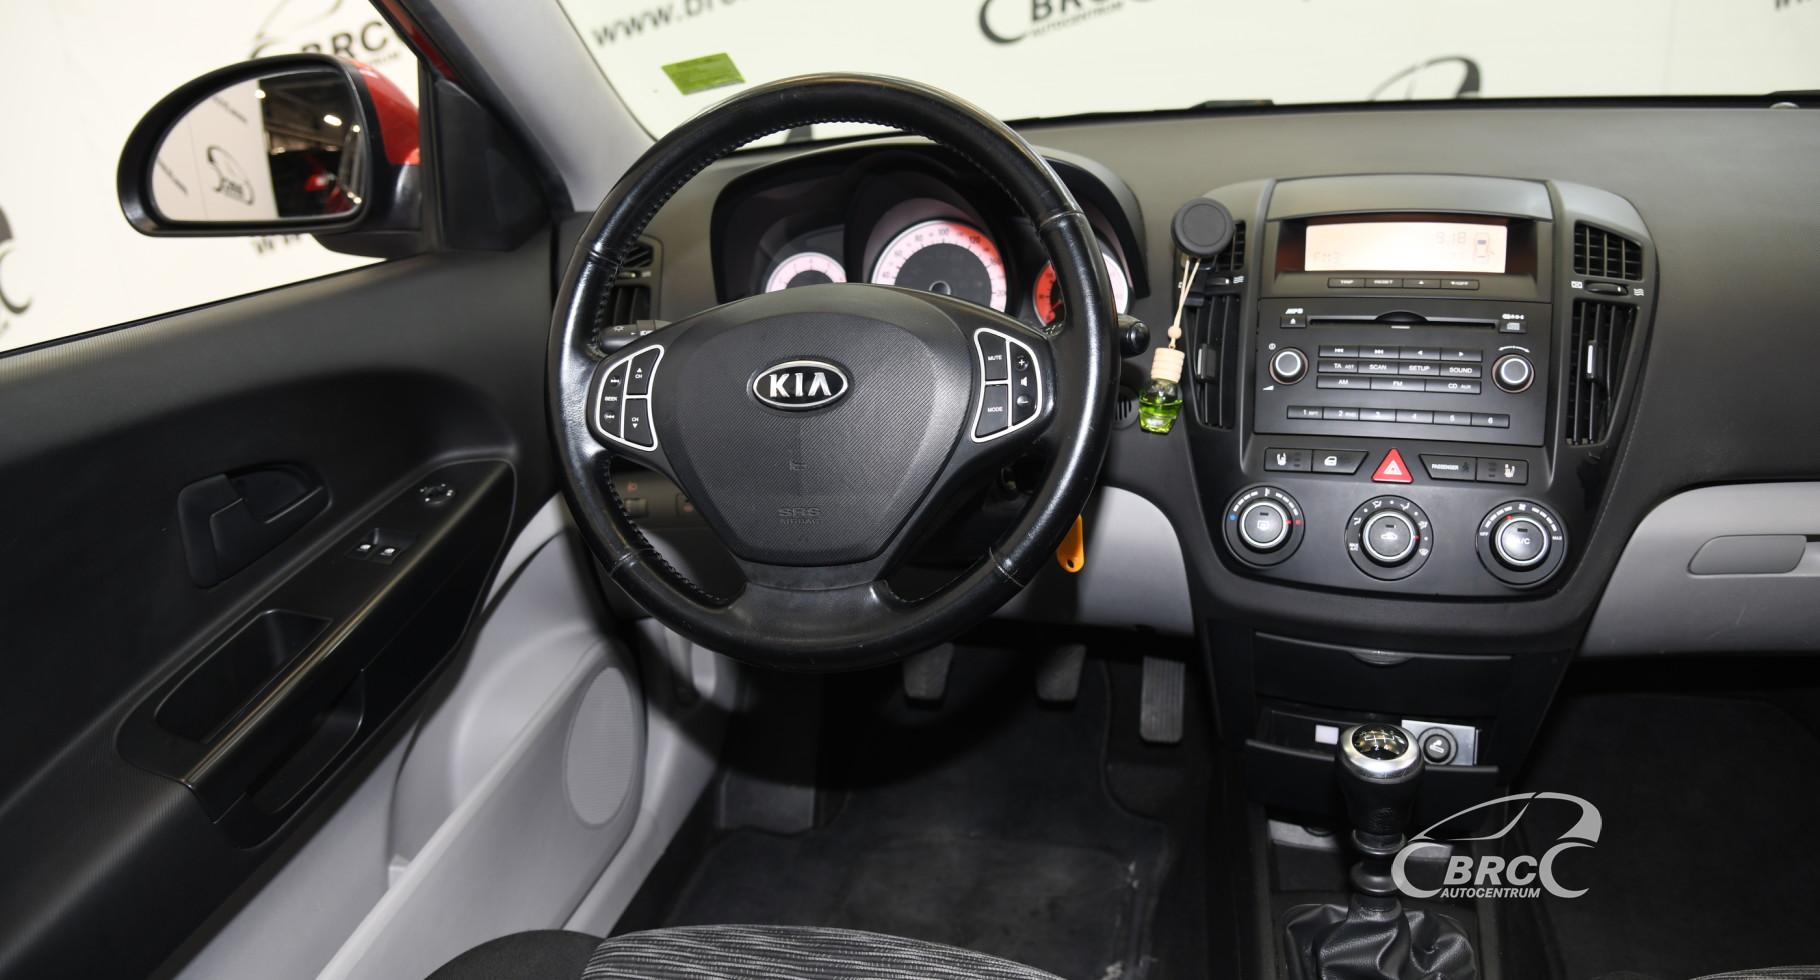 Kia Ceed 1.4i LX Plus